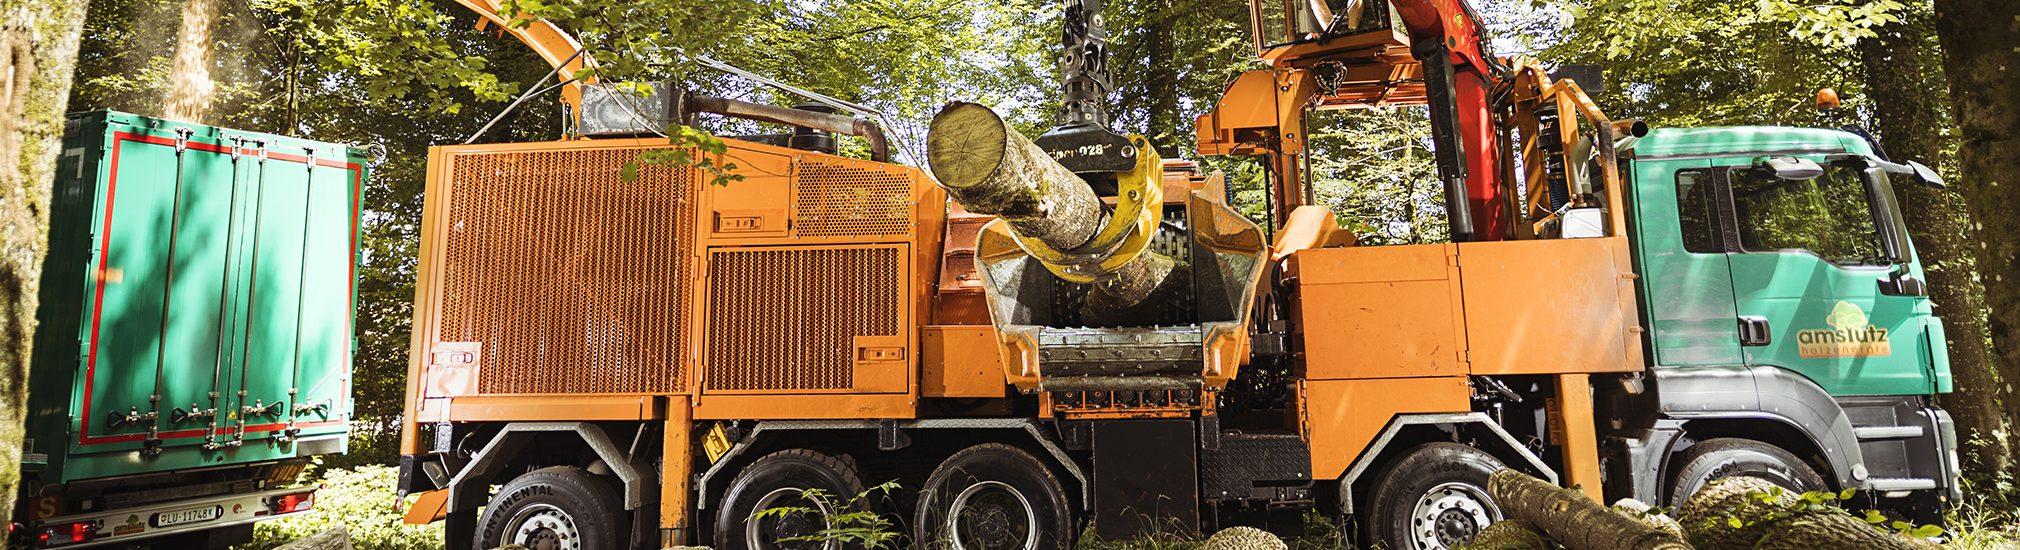 Amstutz Holzenergie AG, Emmen, Maschinenpark